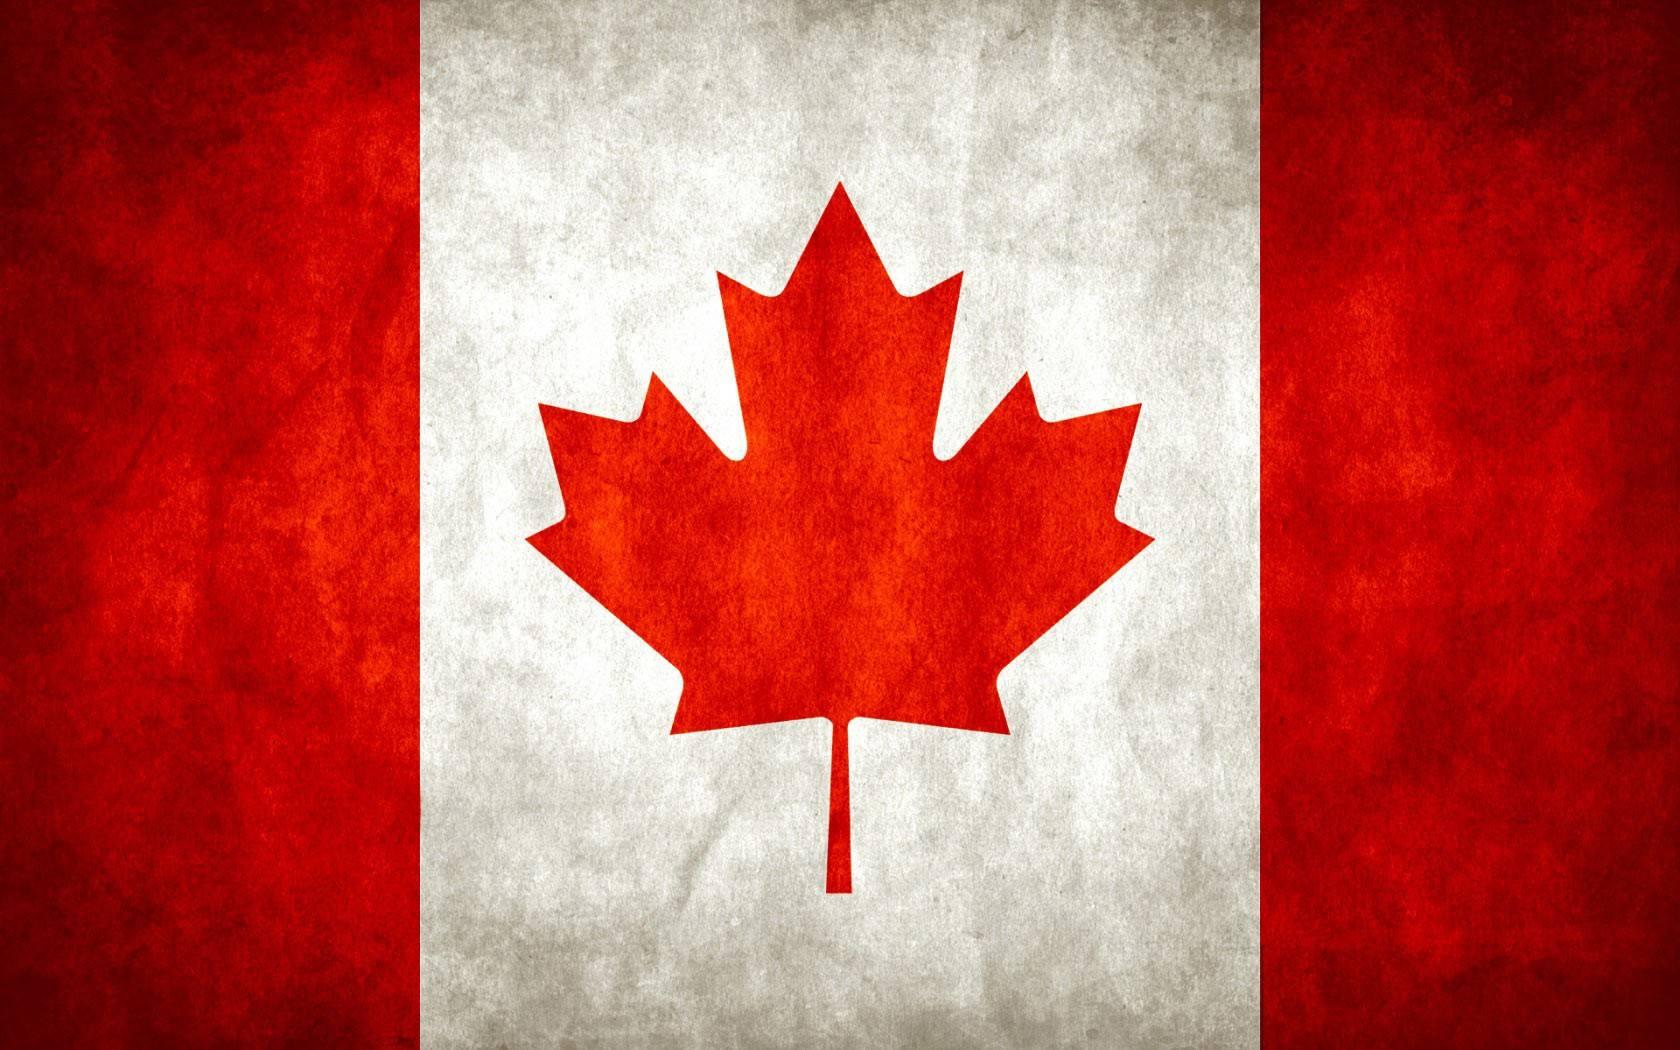 【加拿大人口2018总人数】加拿大人口世界排名2018